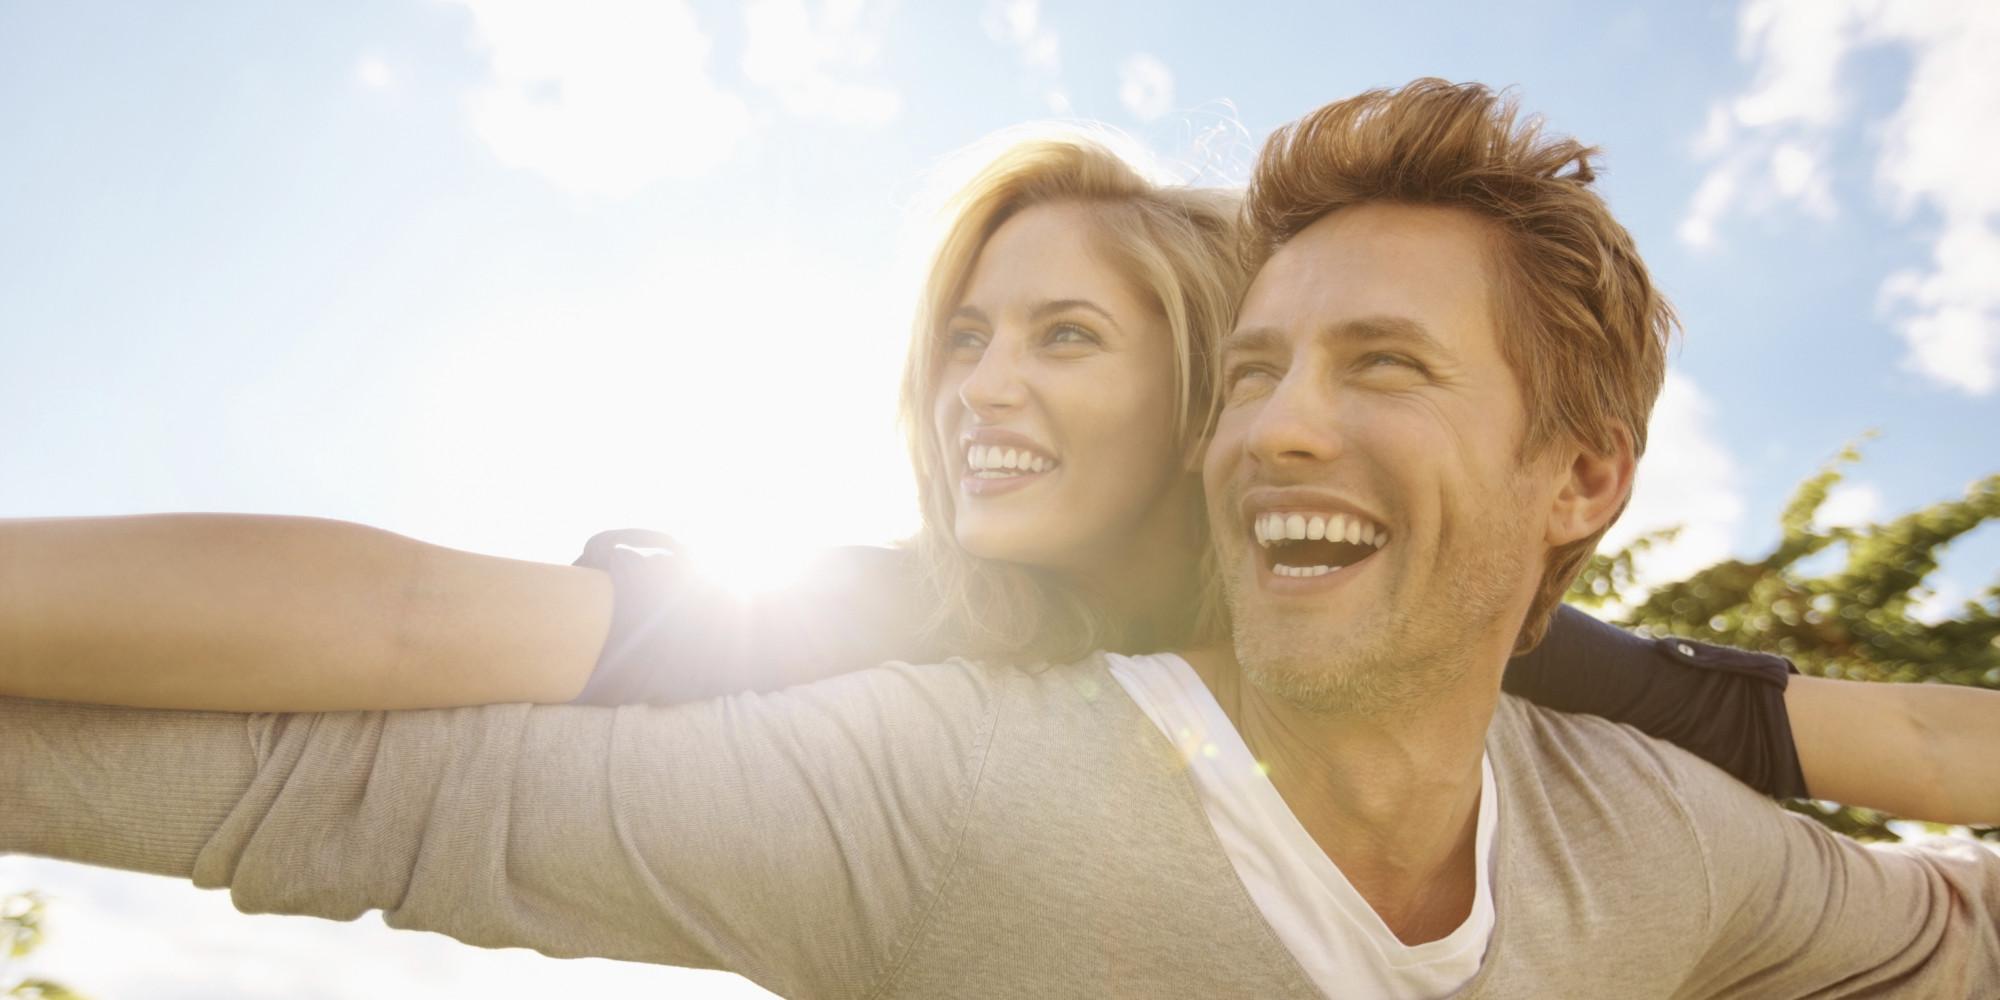 sevgilinin ailesiyle tanisma ip uclari Sevgilinin Ailesiyle Tanışacaklara 4 Önemli Uyarı 4